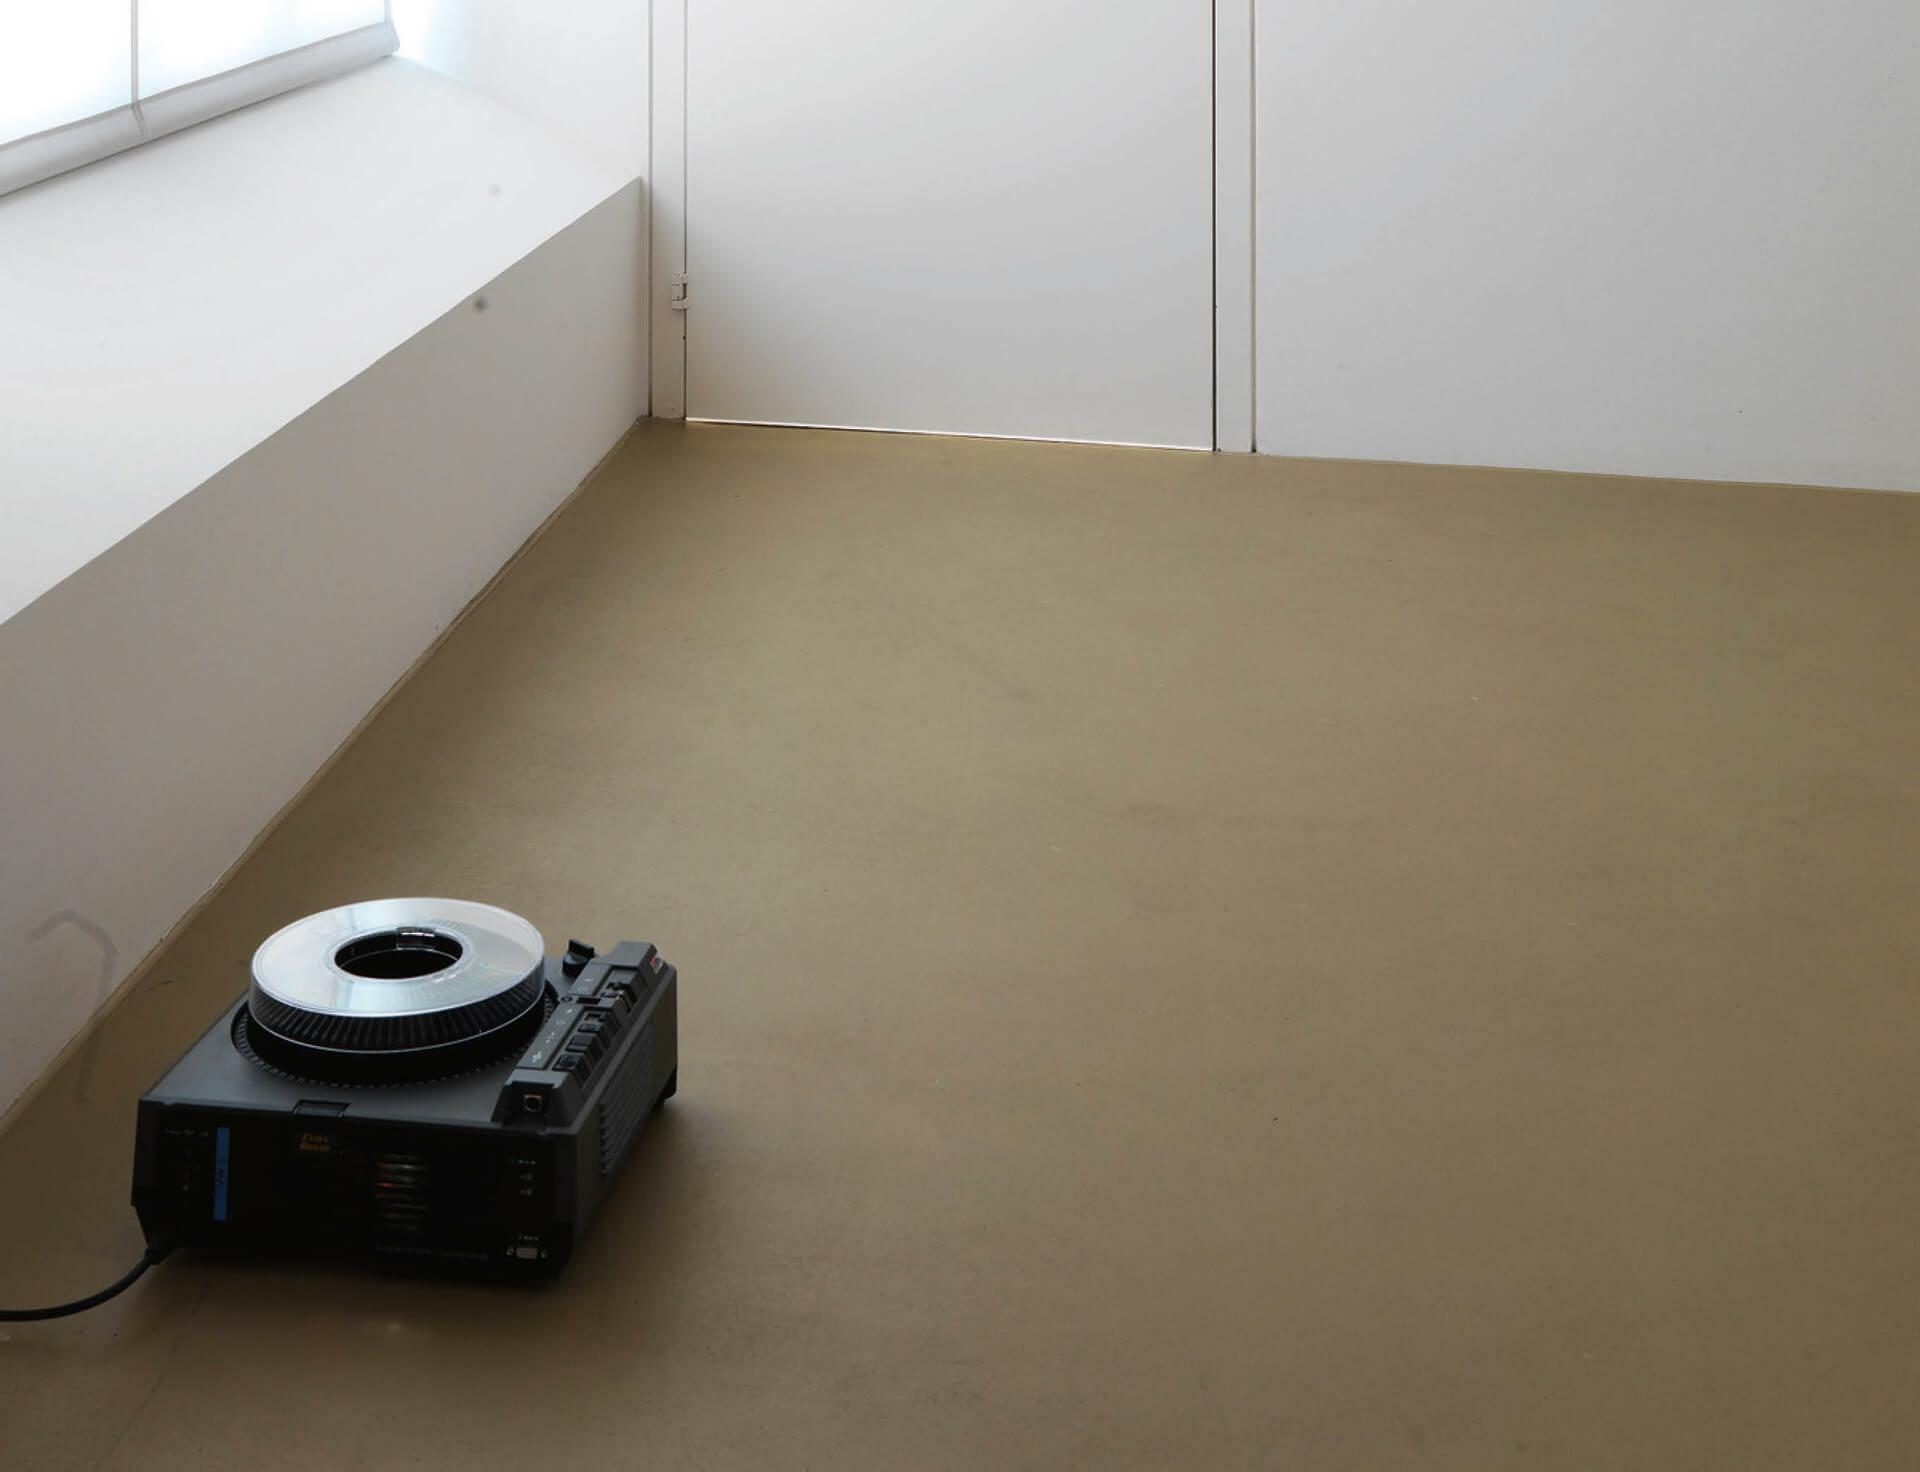 Artforum previews Ceal Floyer's survey exhibition at Aspen Art Museum in Colorado